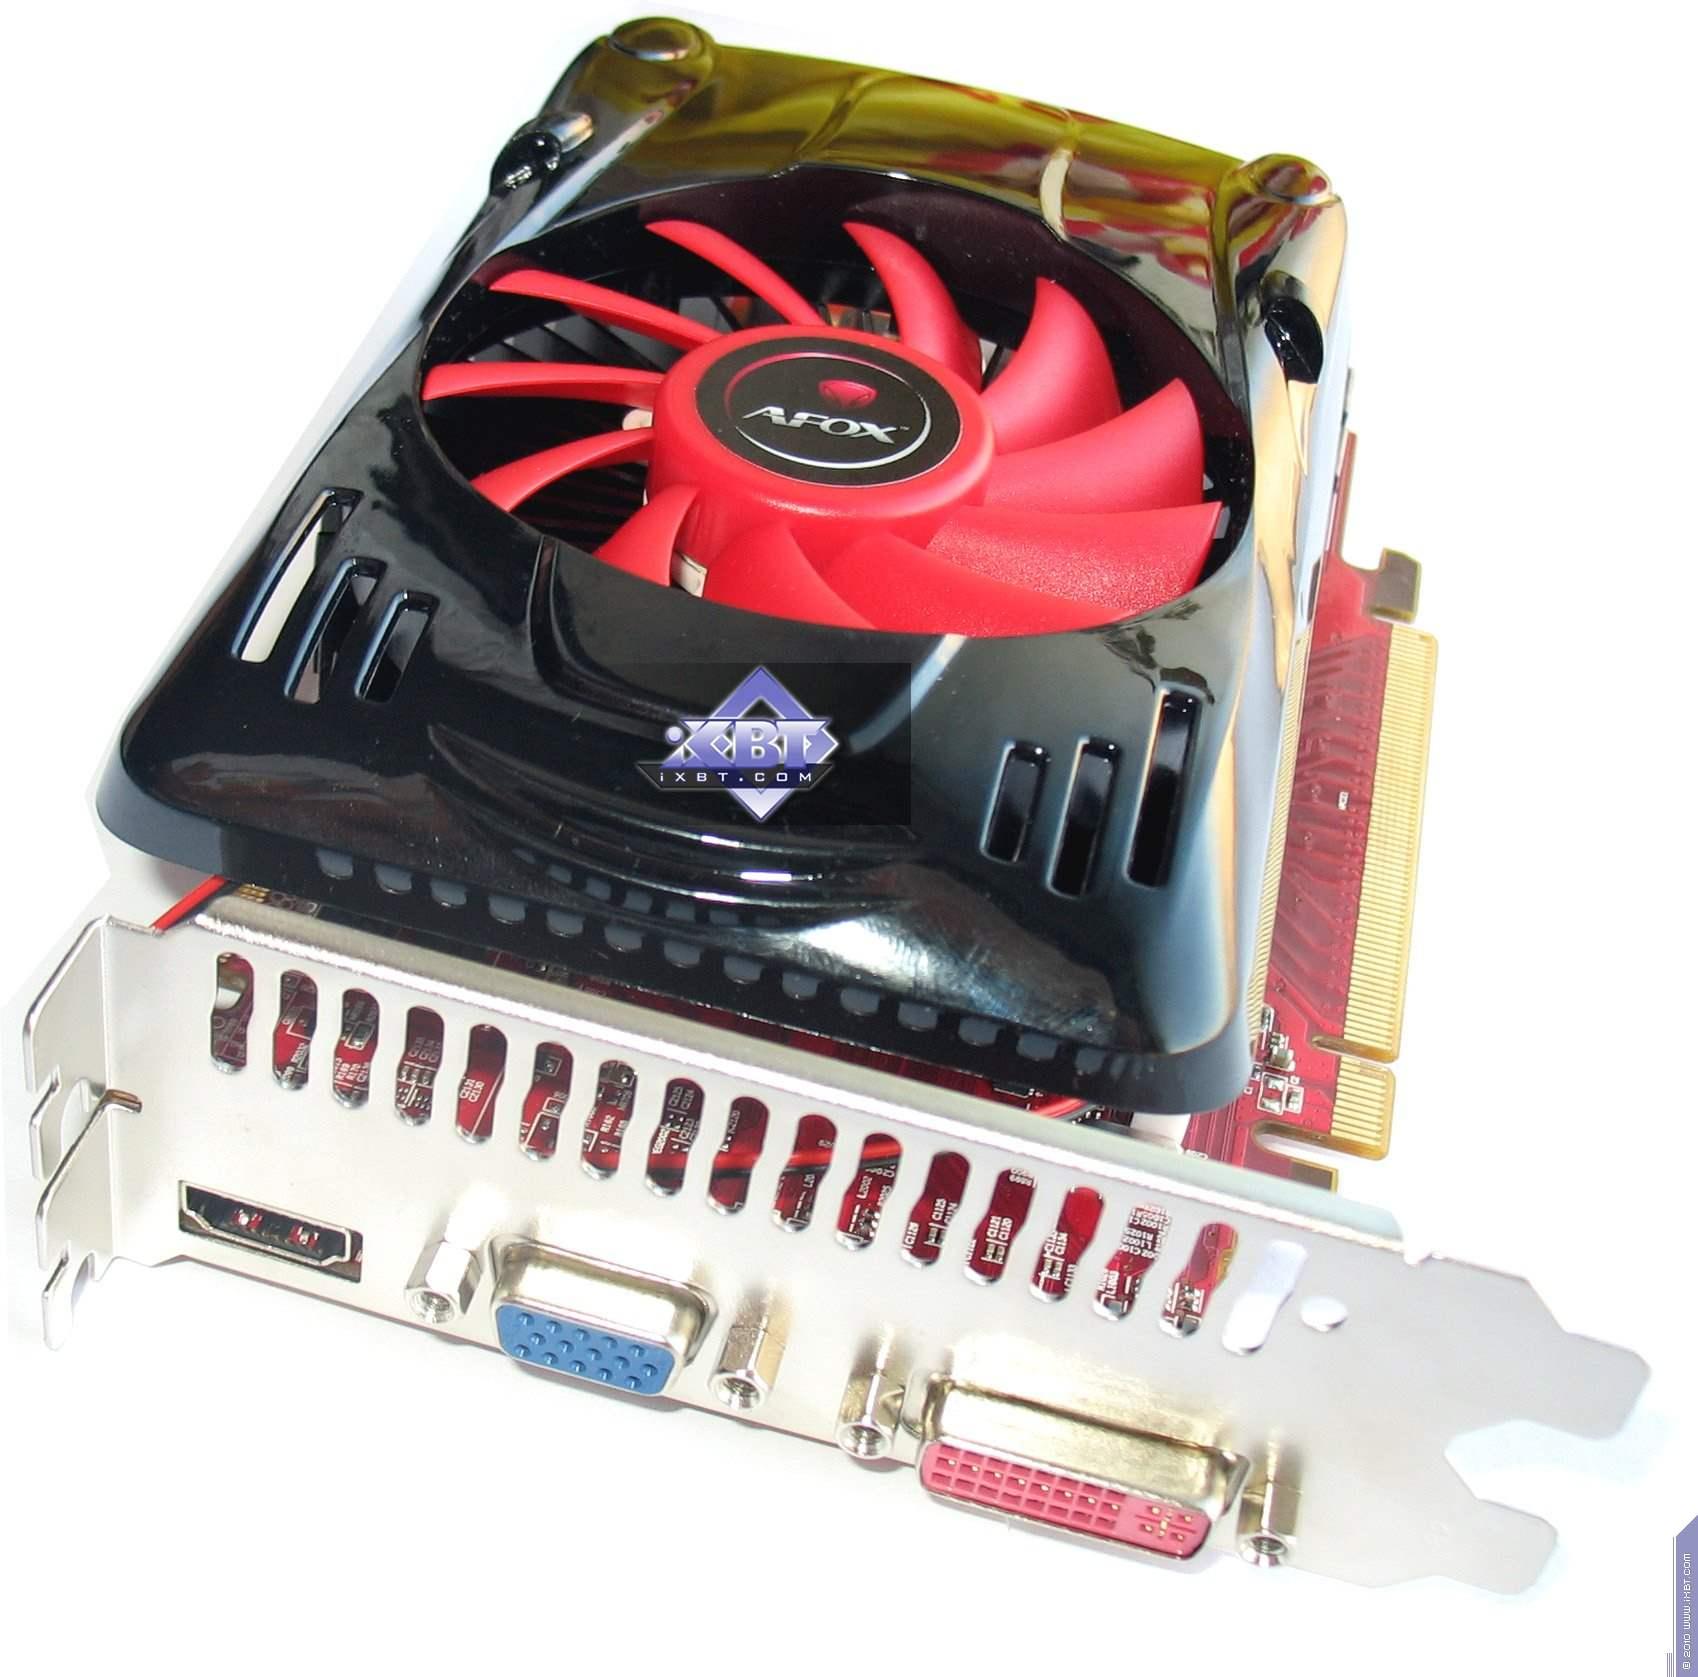 HIS HD 5770 Fan 1GB (128bit) GDDR5 PCIe (DirectX 11/ Eyefinity) Beschränkungen für bet at home Konto